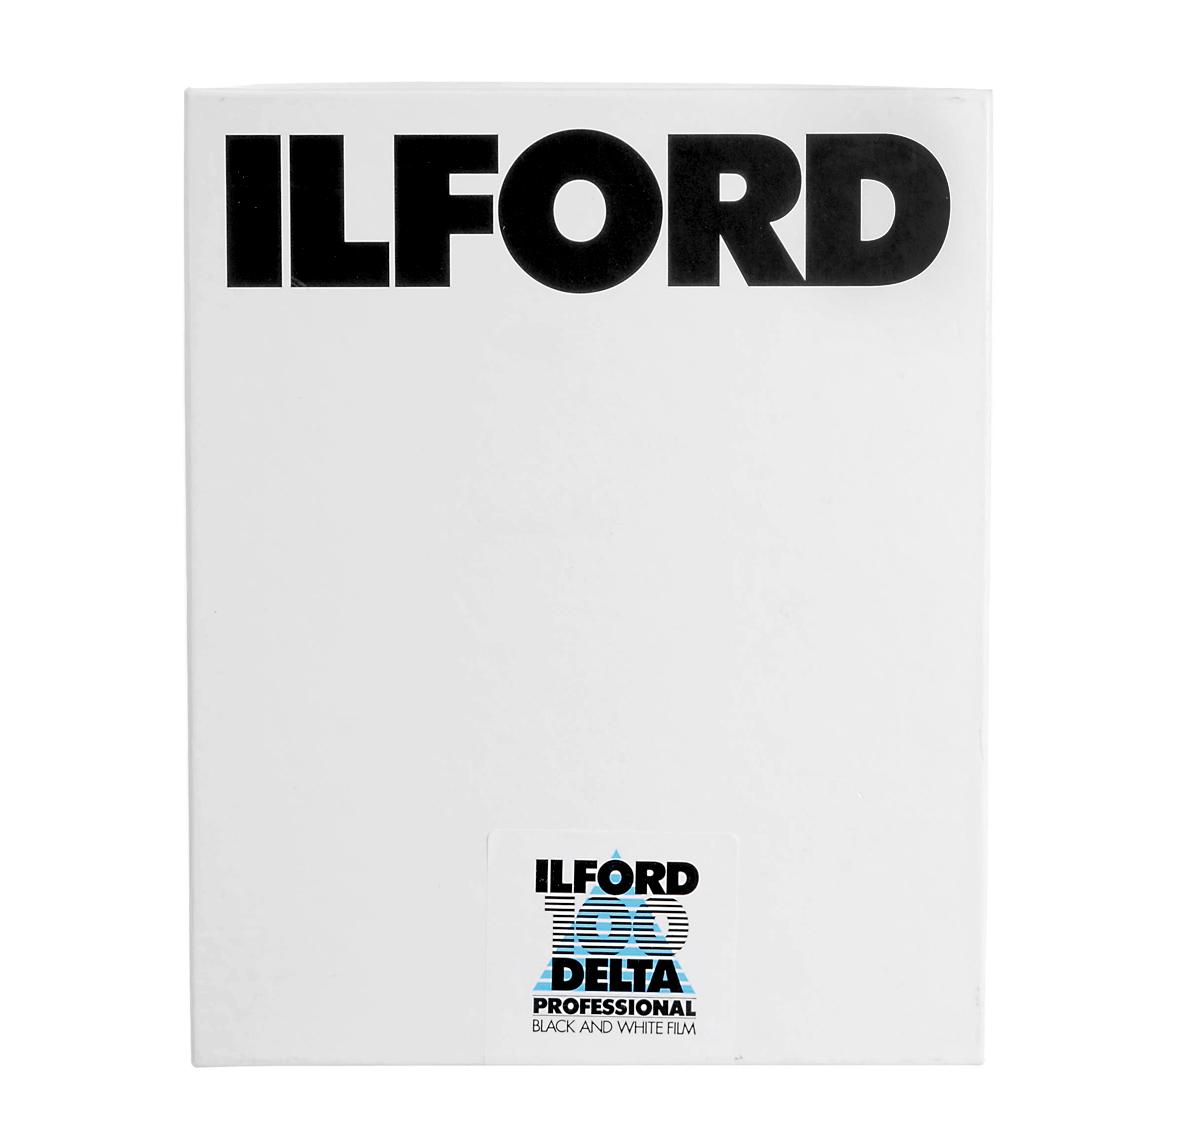 Image of Ilford Delta 100 B&W Negative Film 4 x 5 25 Sheets